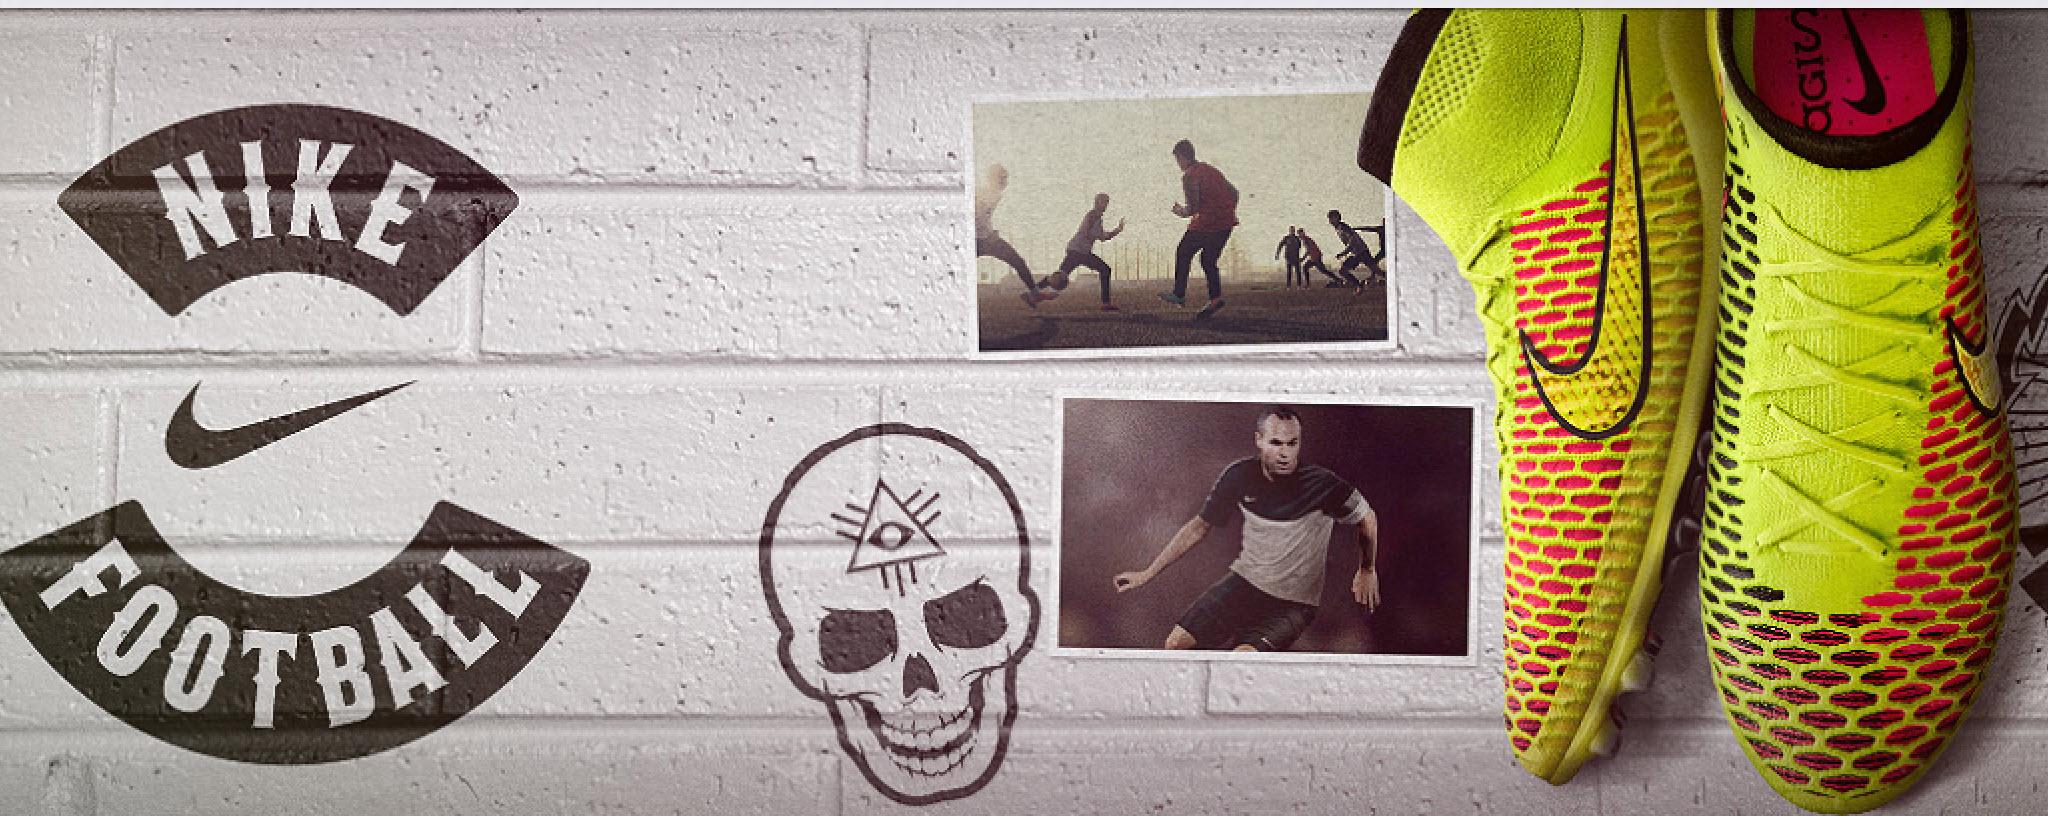 Köp Nike Magista - möjlig att förbeställa från NIKE web 29e April.